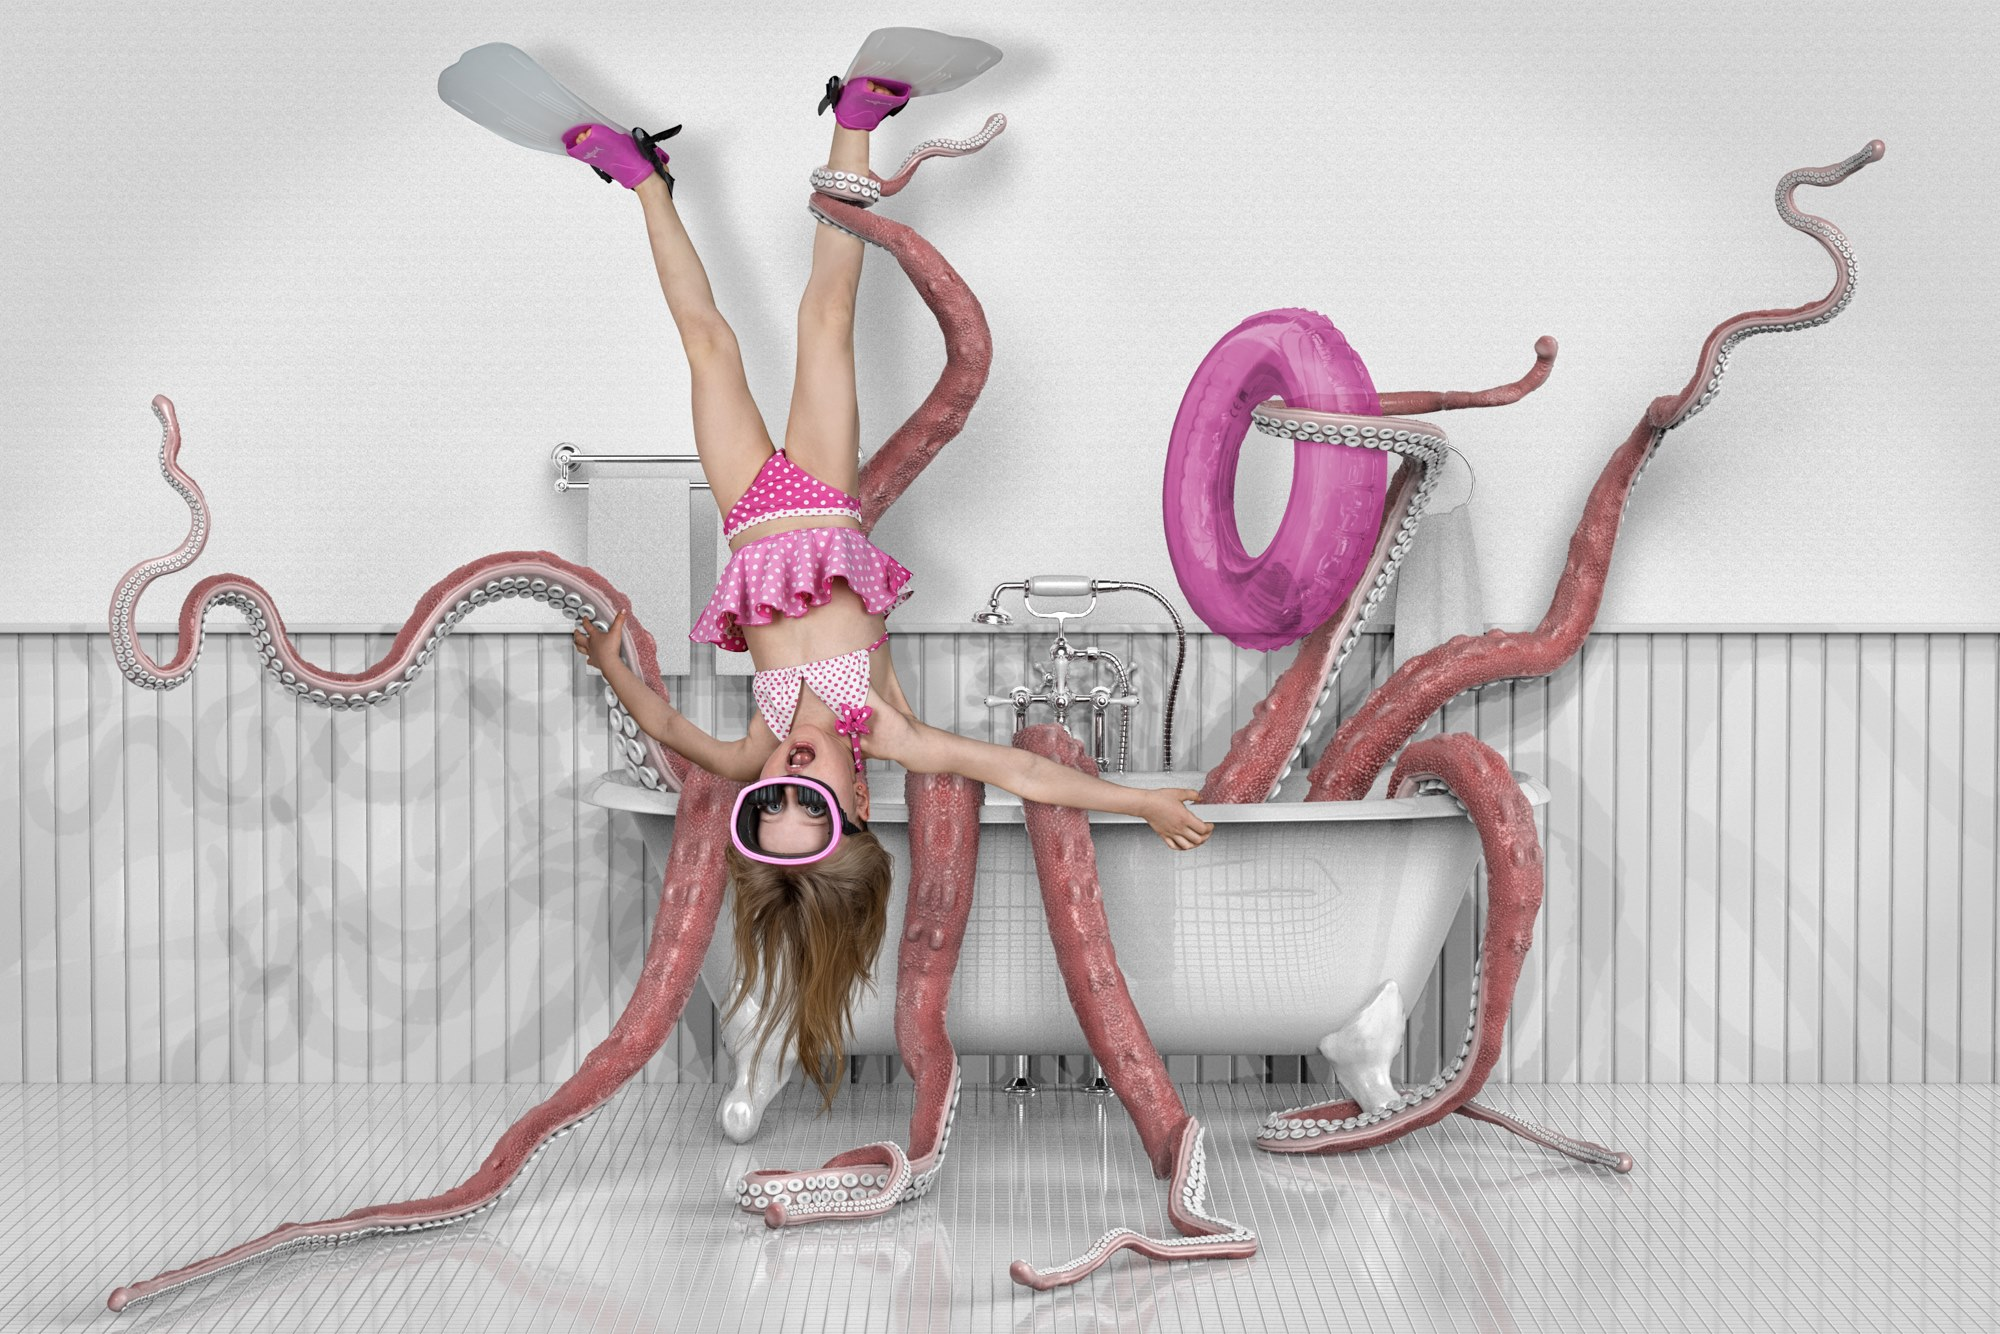 Bath Time Troubles